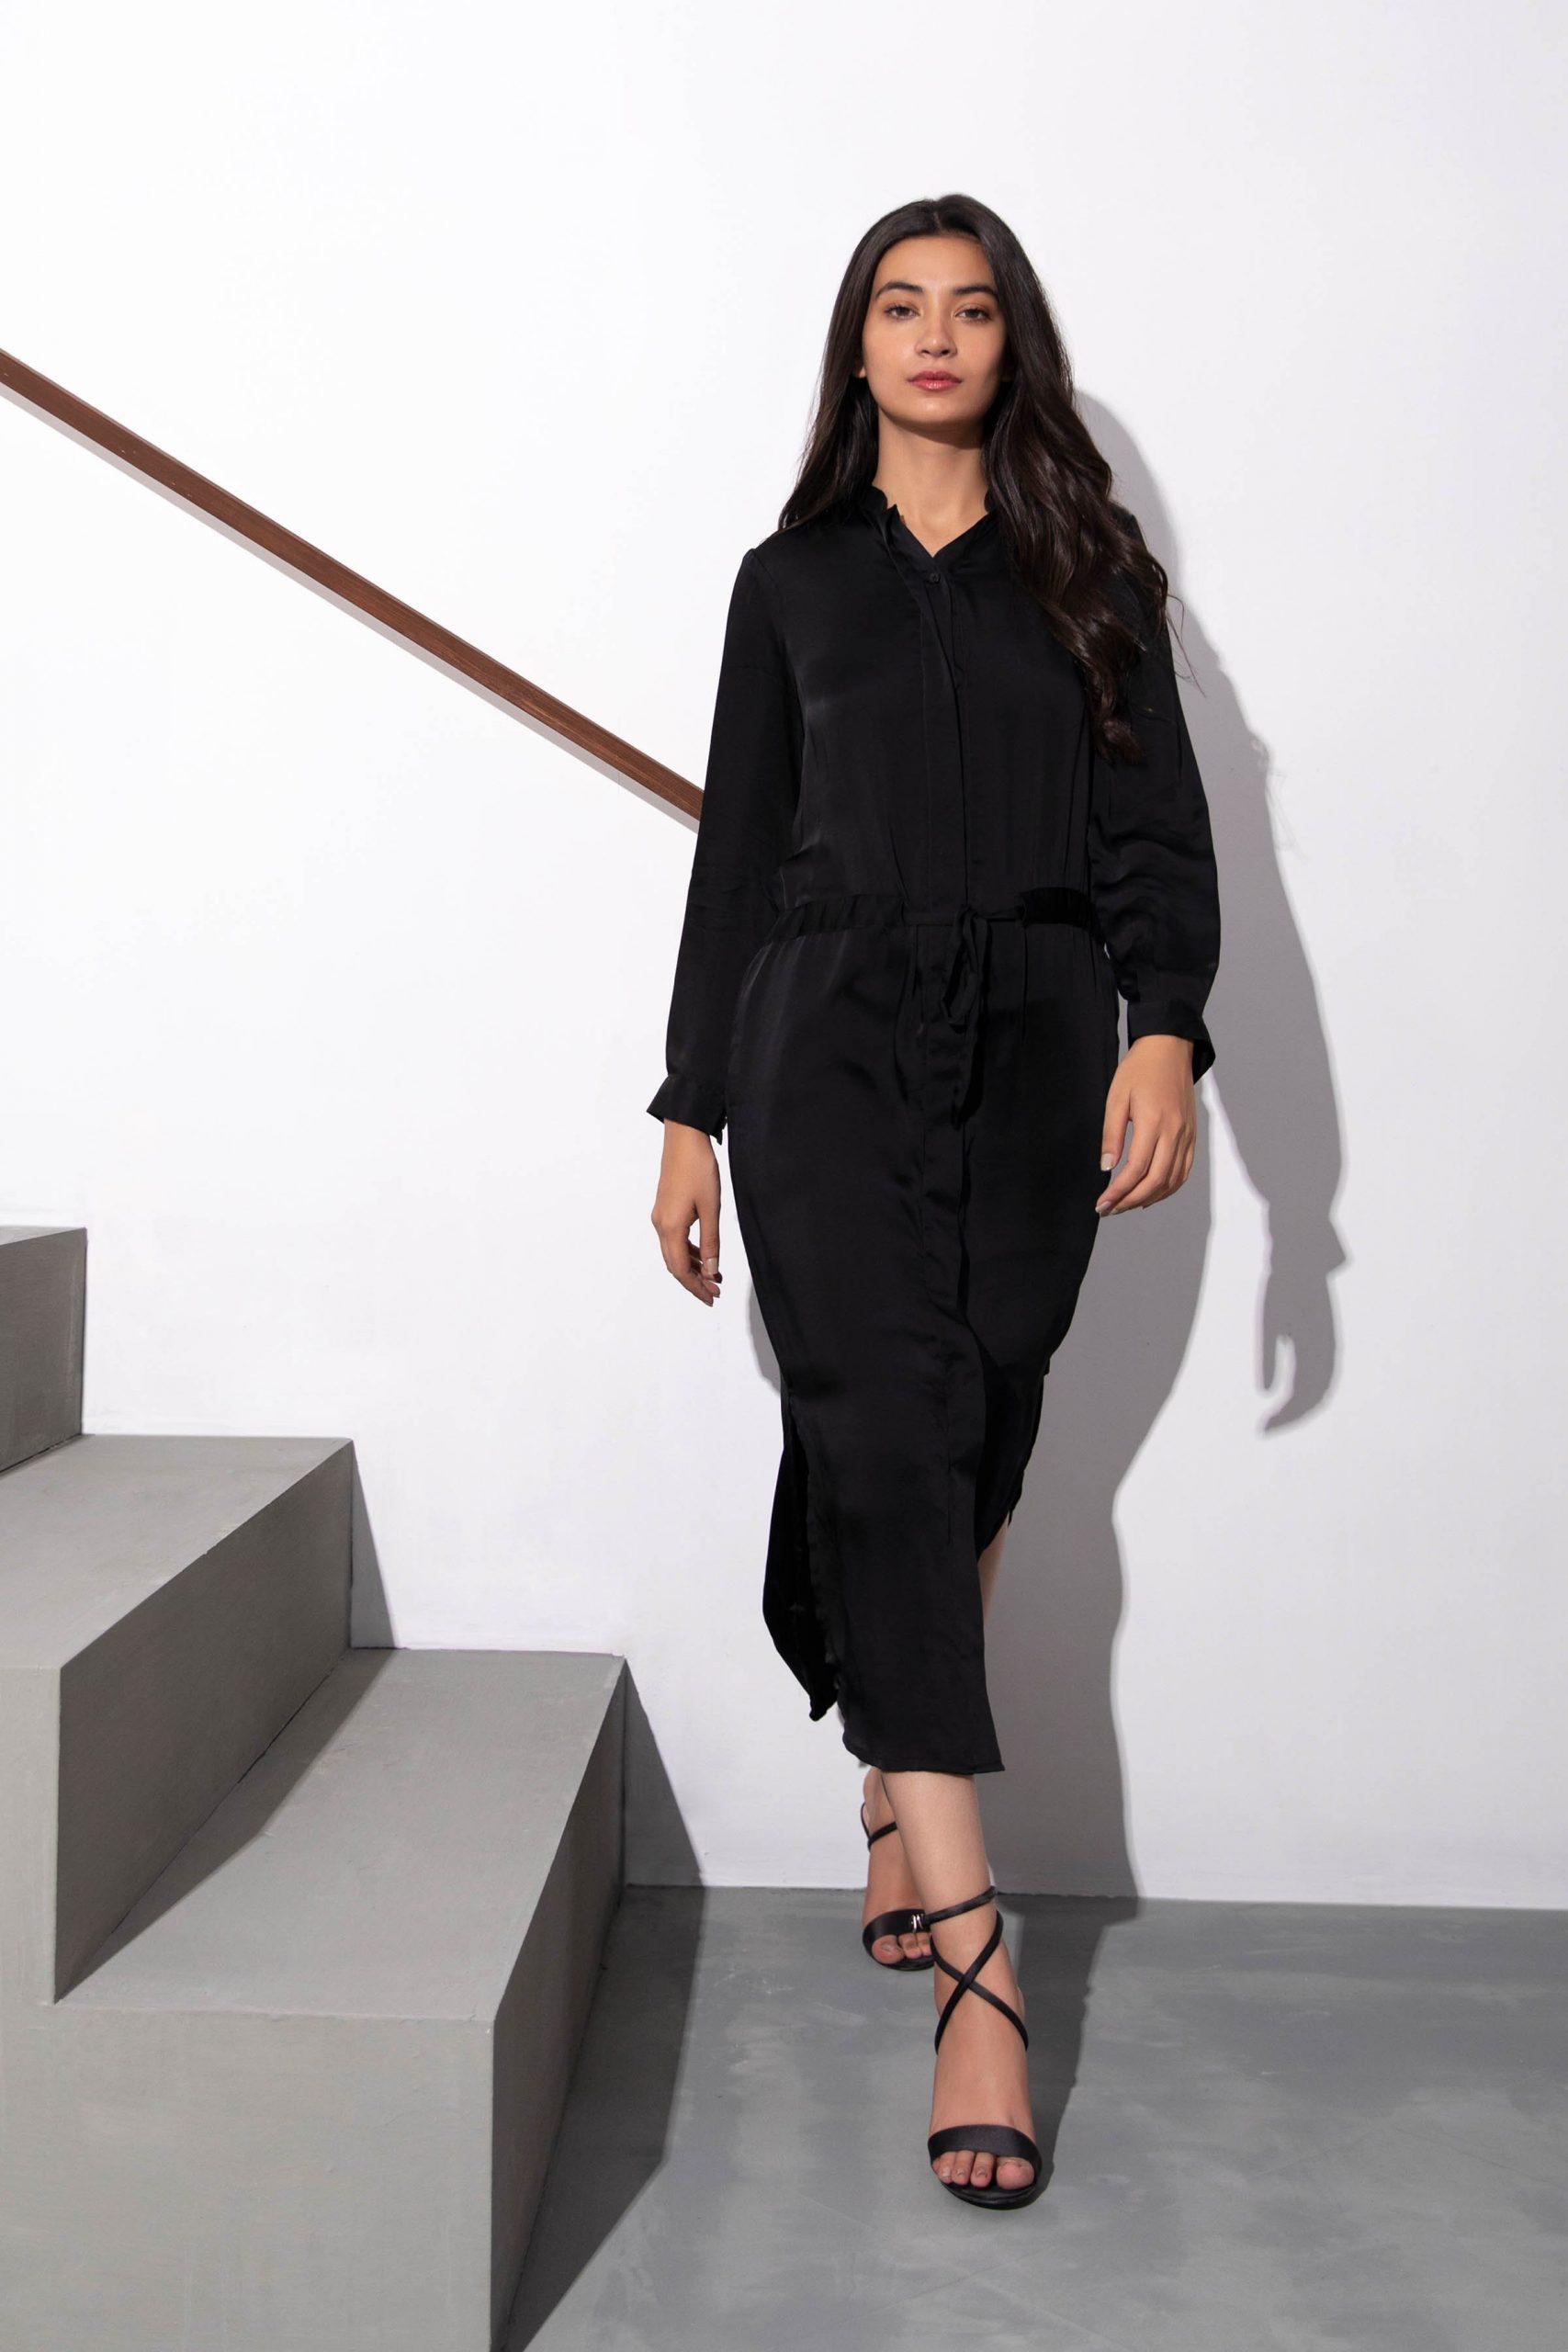 Latest Black Dress for Girls